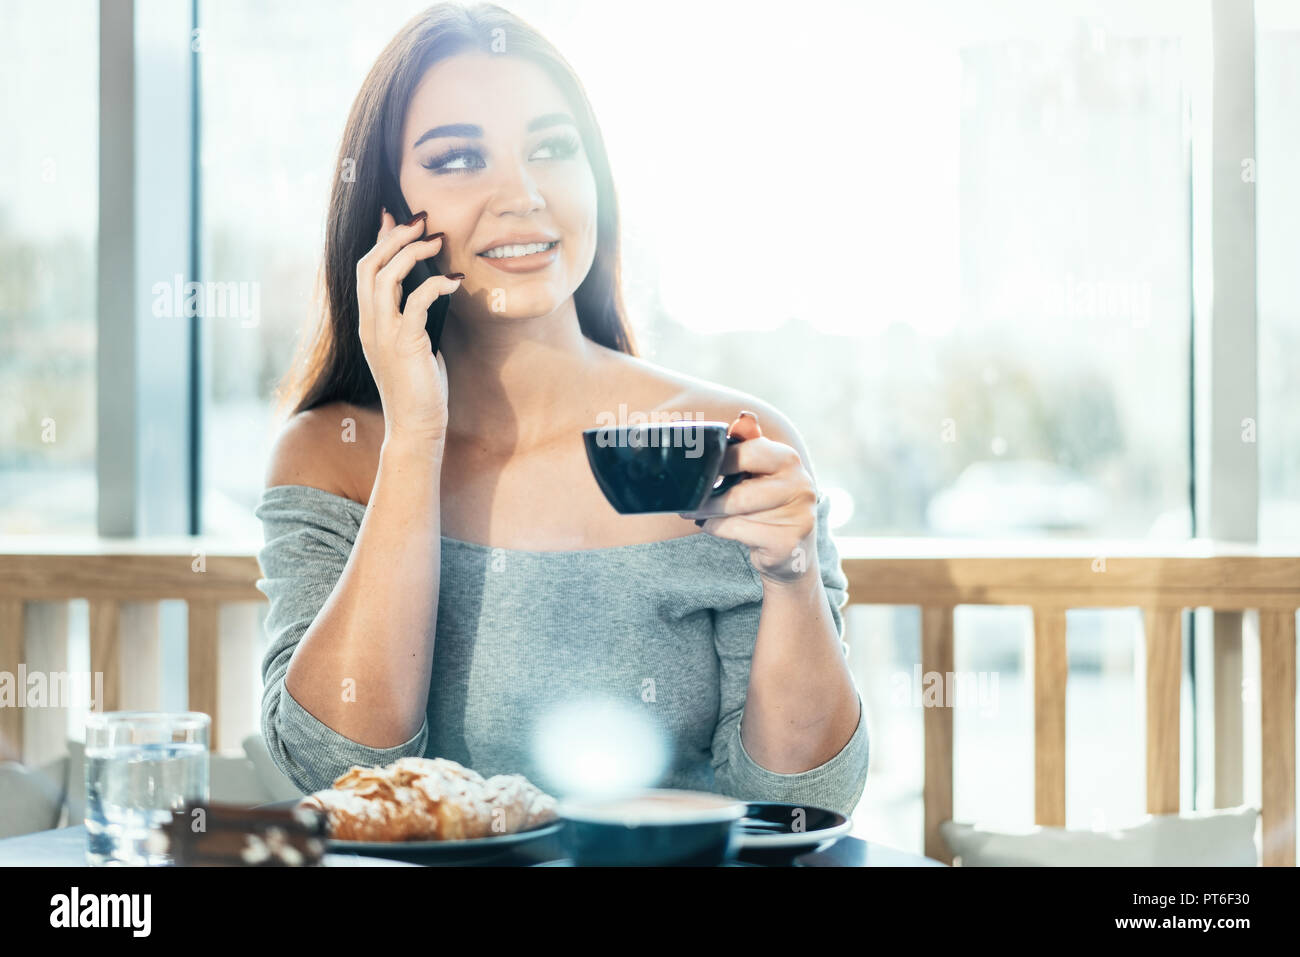 Schöne Frau mit blauen Tasse Kaffee und Gespräch per Handy. Stockbild